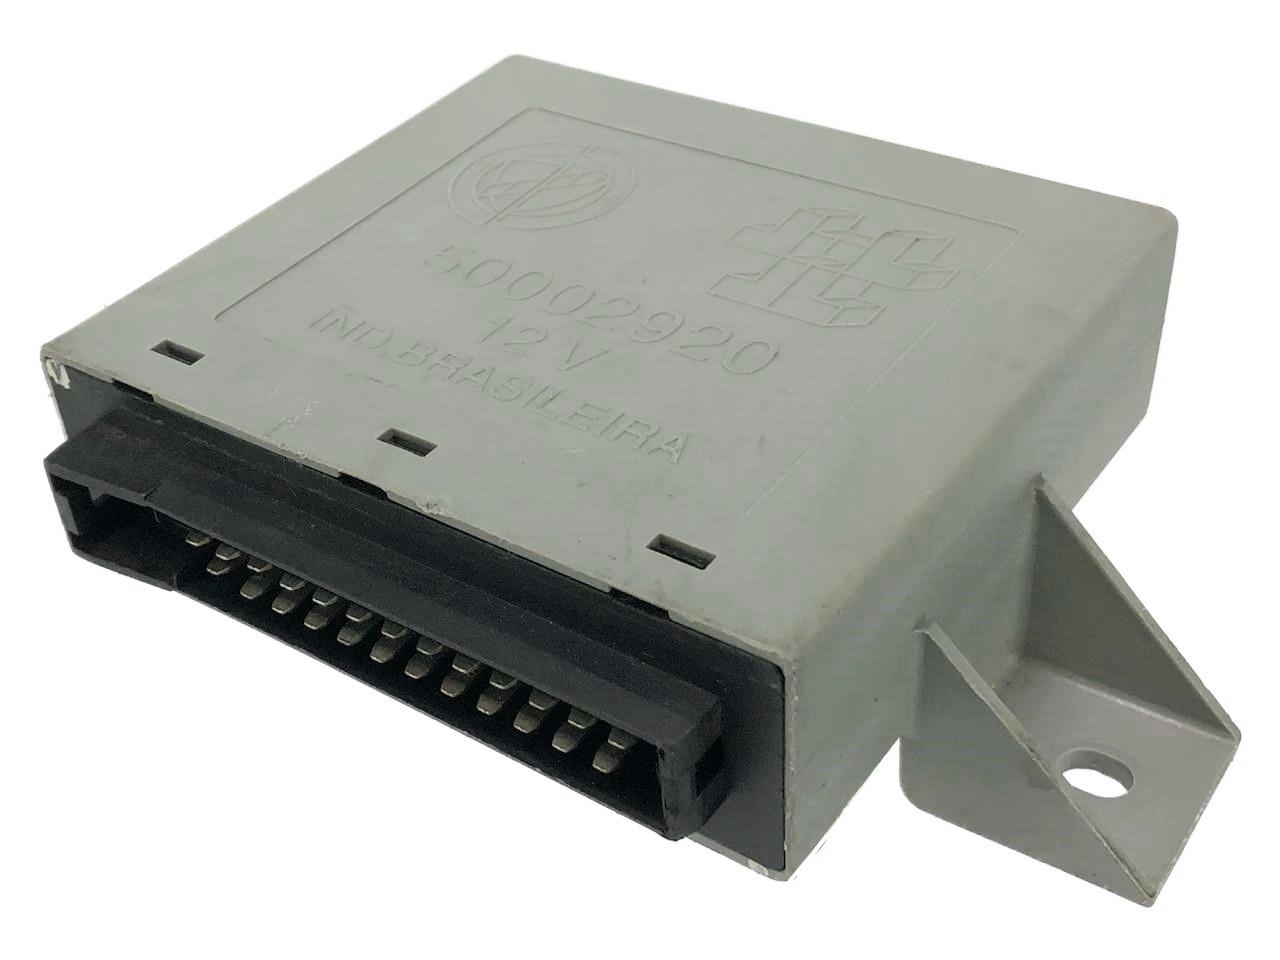 Modulo Central Centralina de Alarme 50002920 Fiat Tempra 95 96 97 98 99